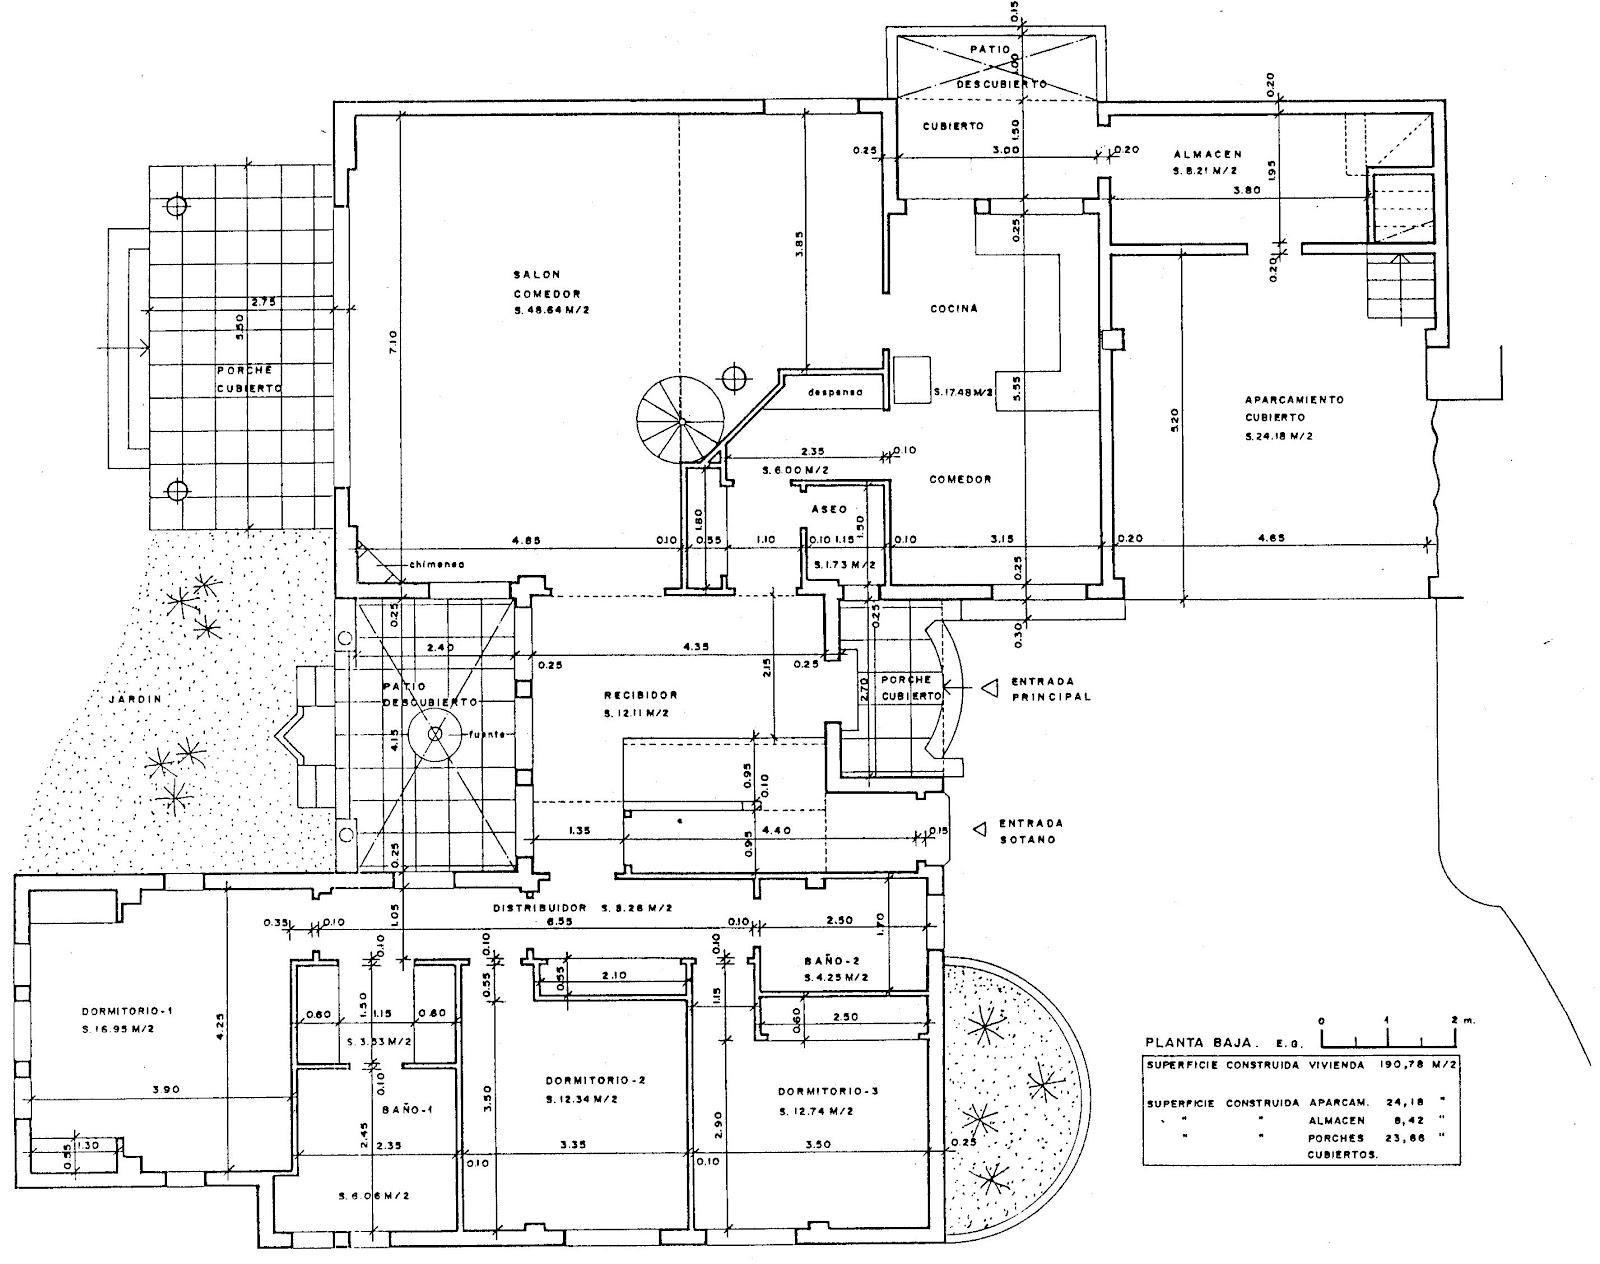 Planos arquitectonicos for Simbologia de niveles en planos arquitectonicos